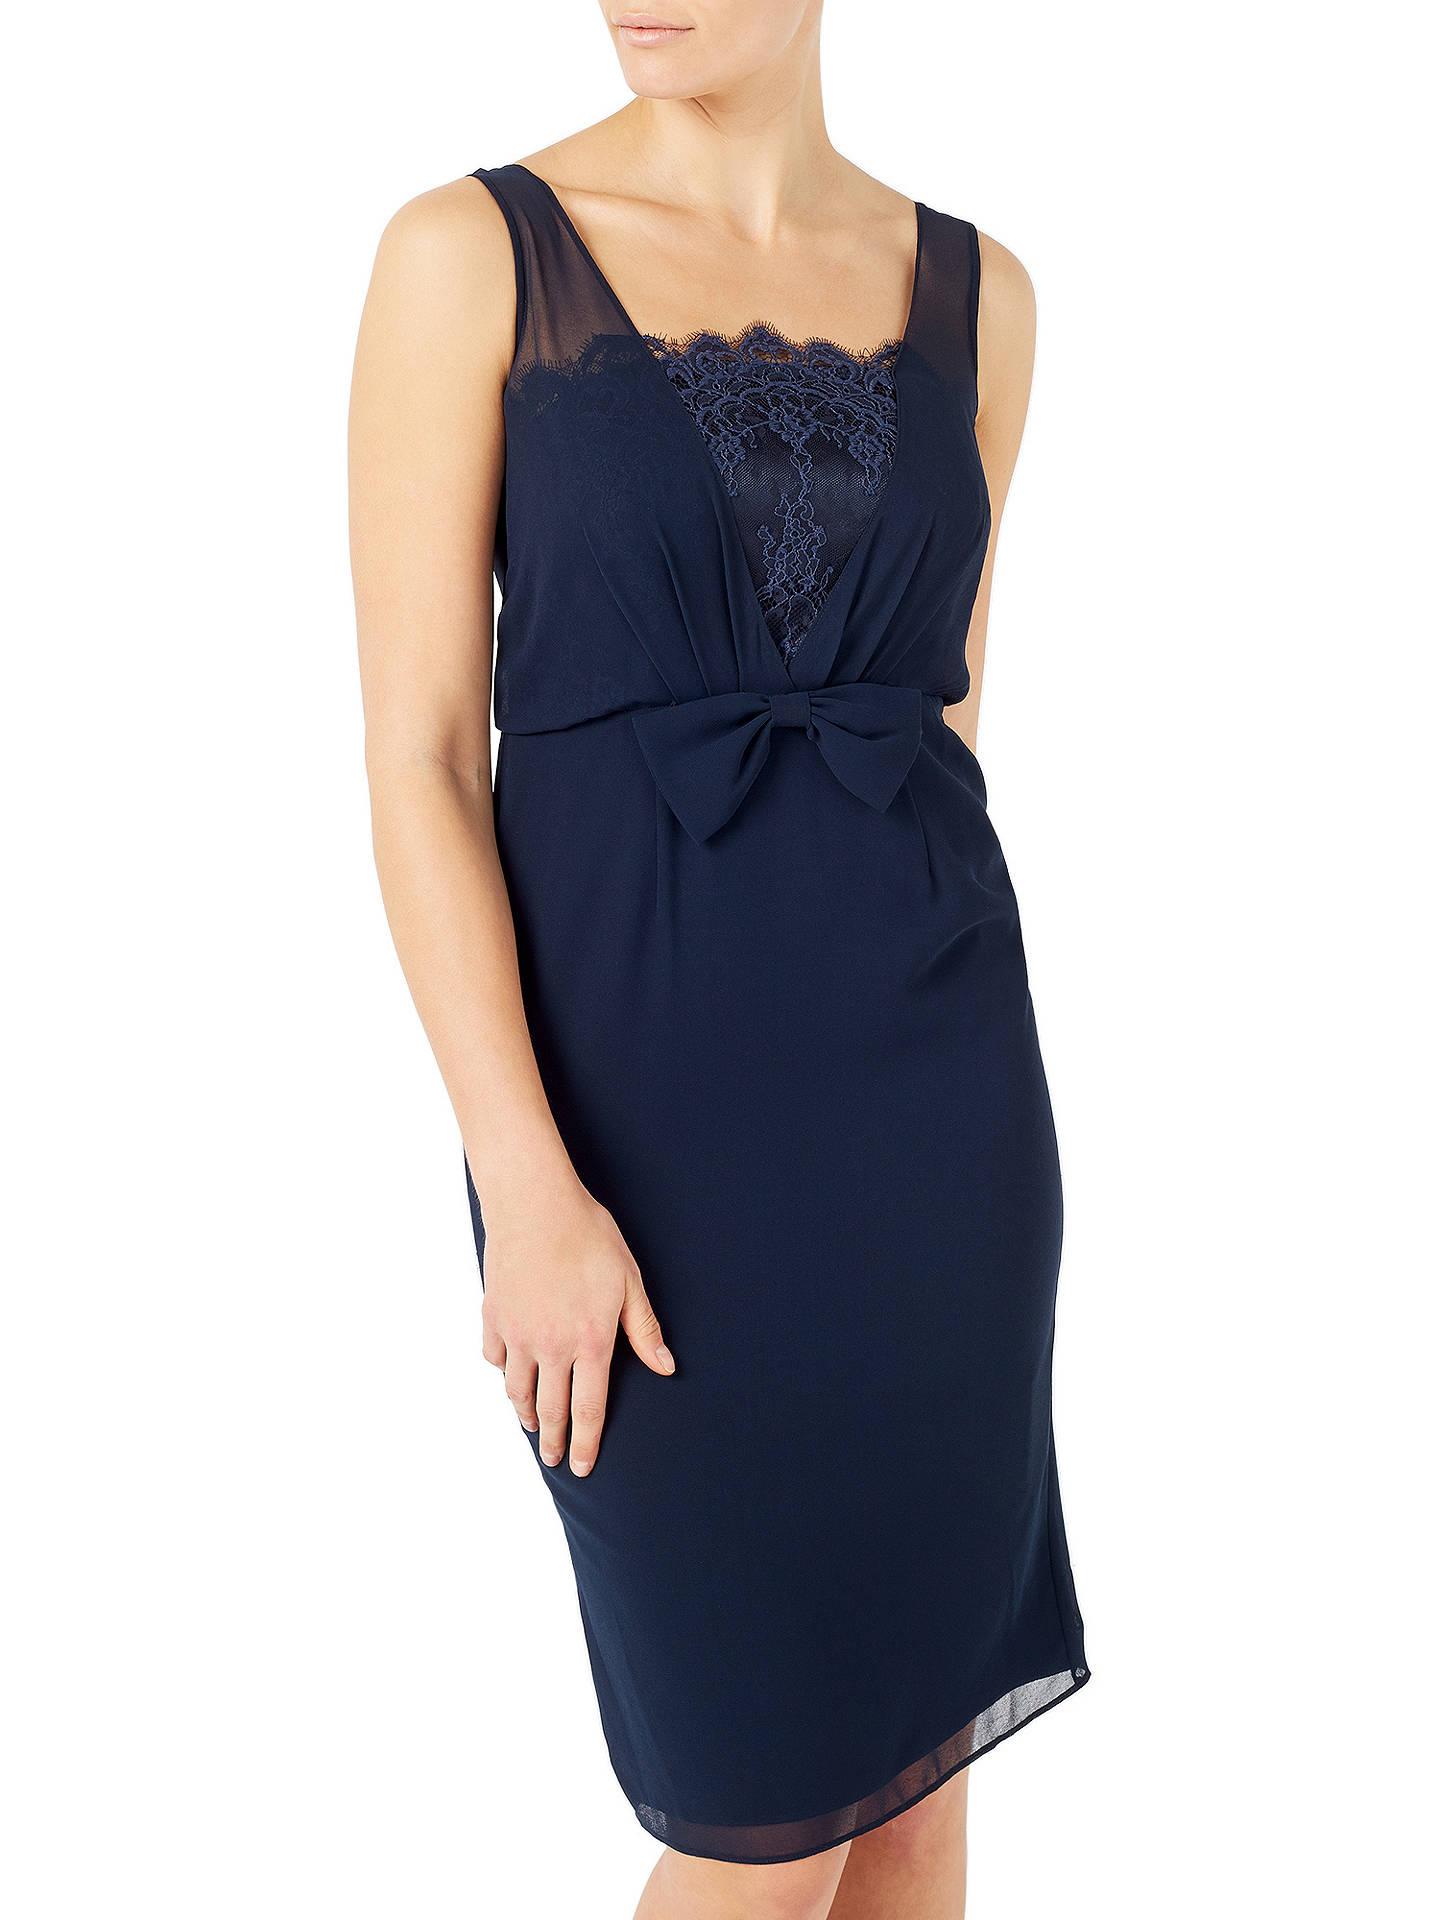 50090ff88d0d ... Buy Jacques Vert Chiffon Lace Trim Dress, Navy, 8 Online at  johnlewis.com ...